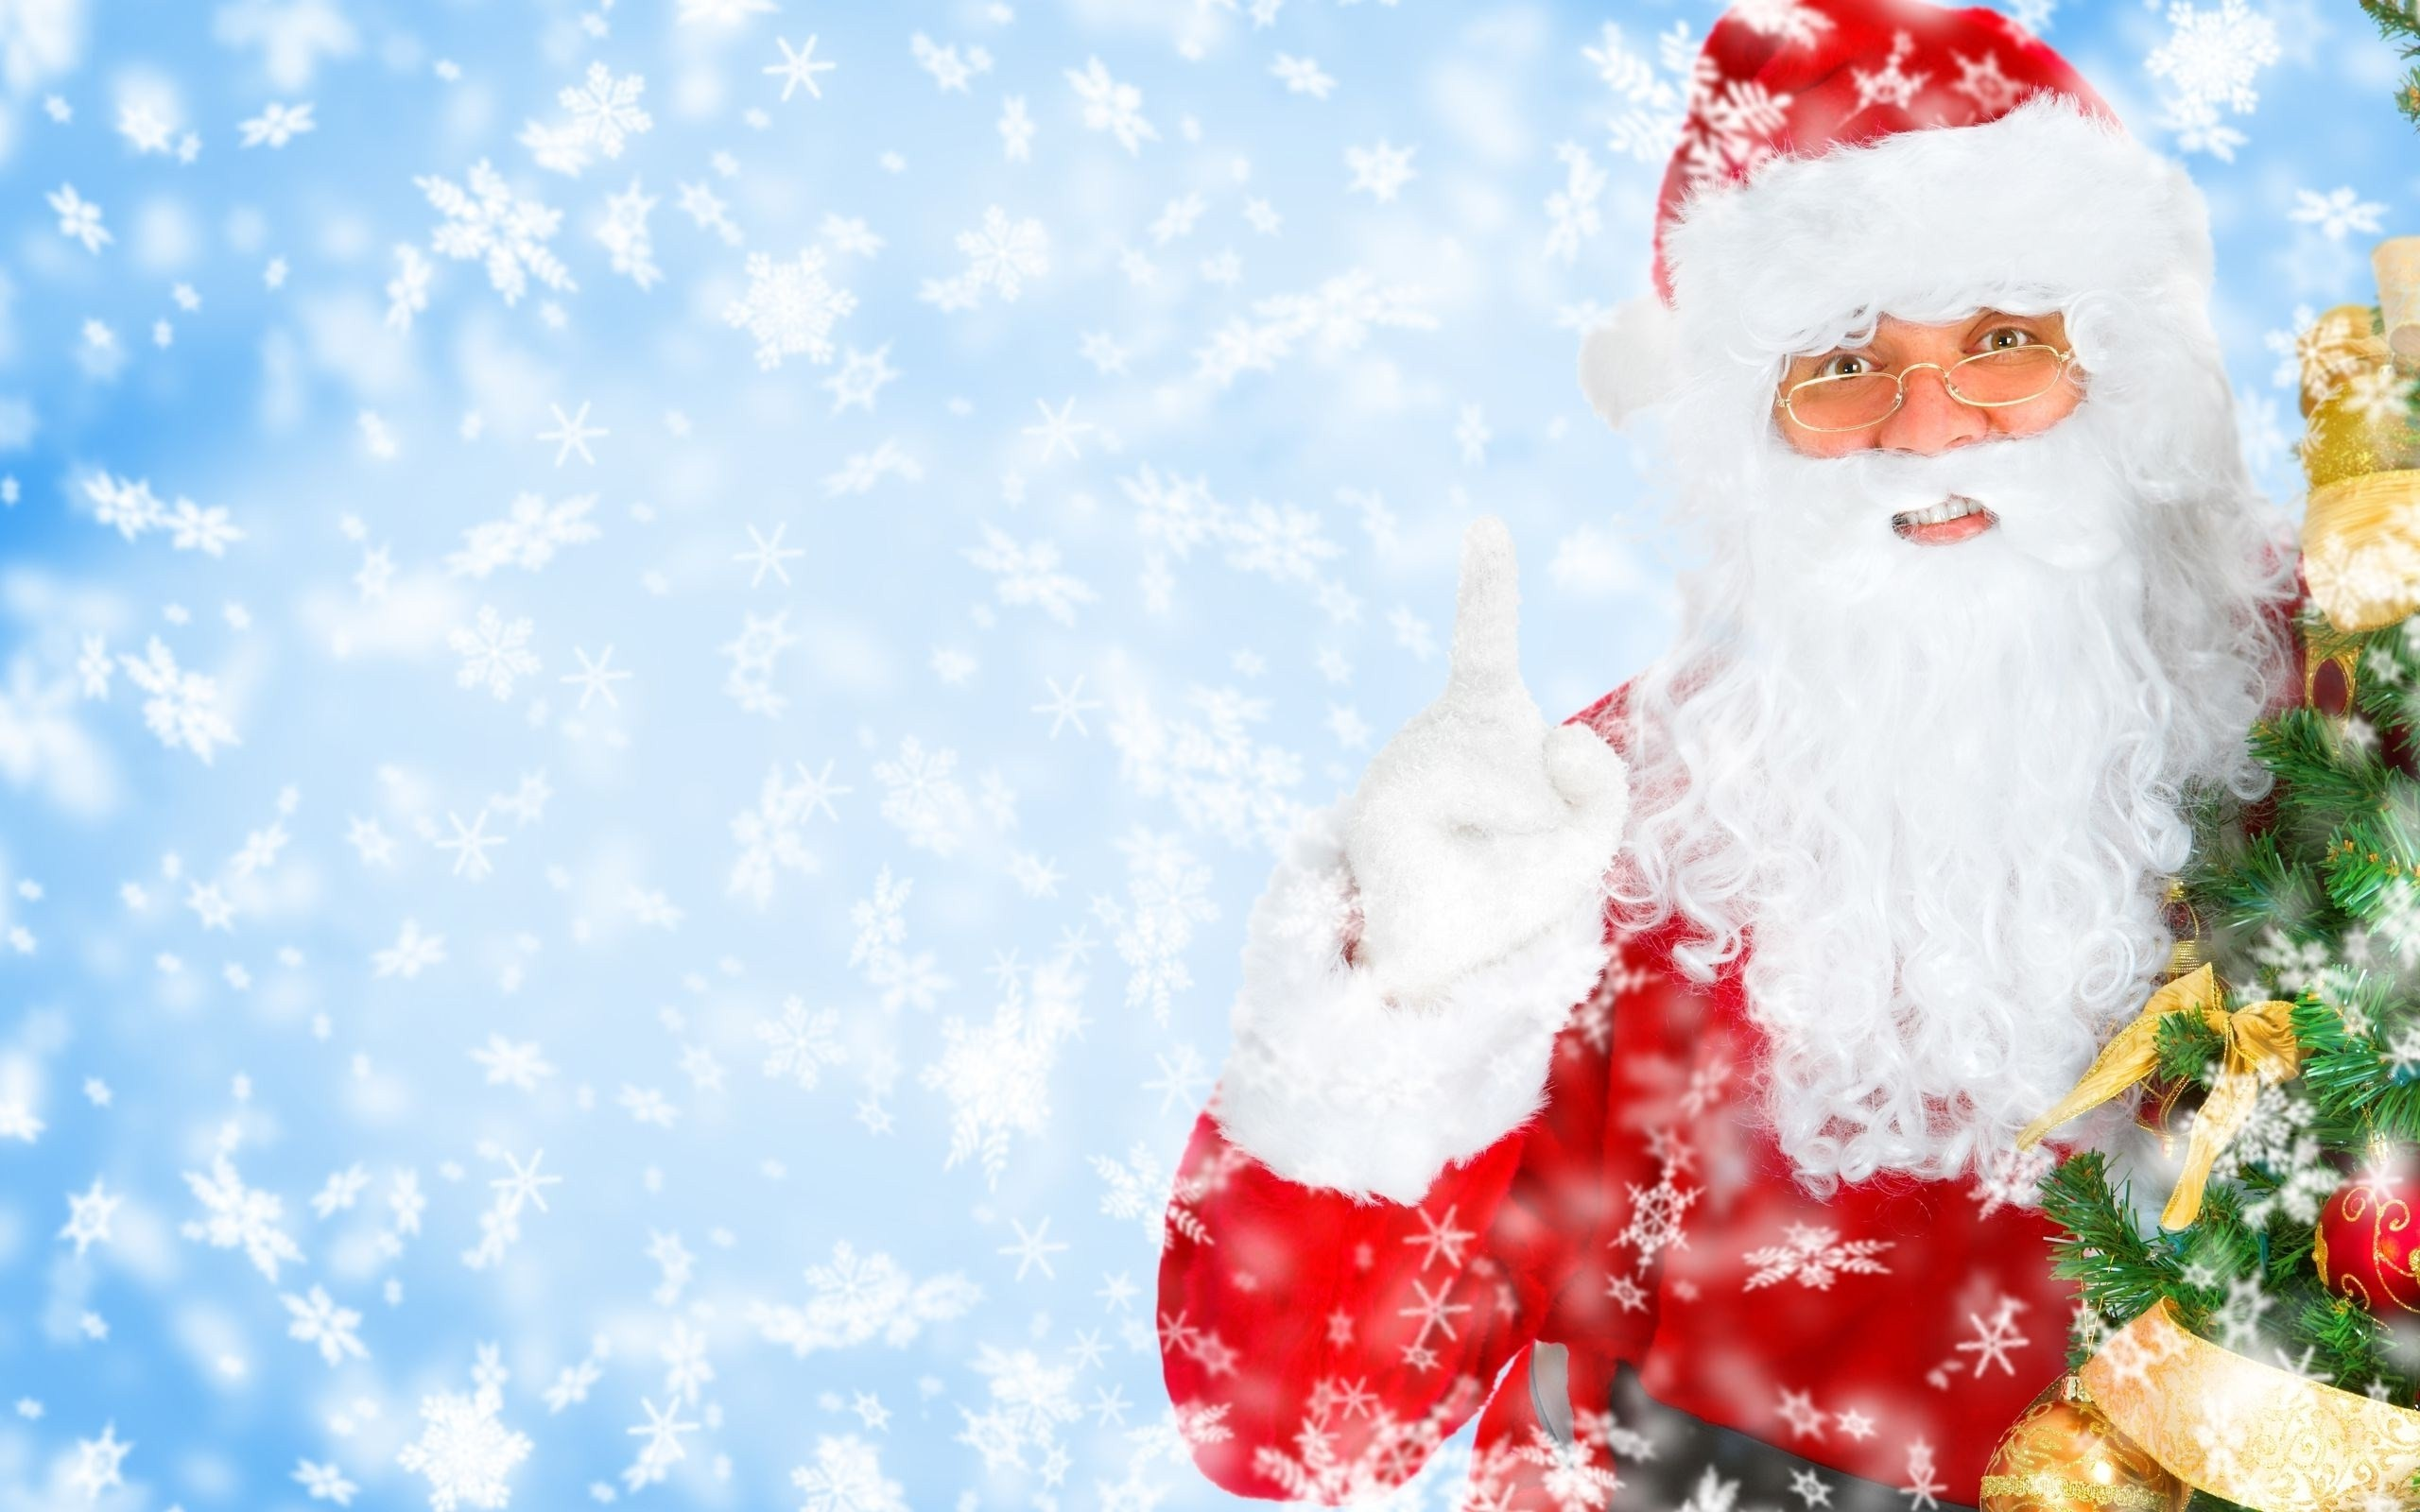 Открытки. С Днем Рождения Деда Мороза открытки фото рисунки картинки поздравления